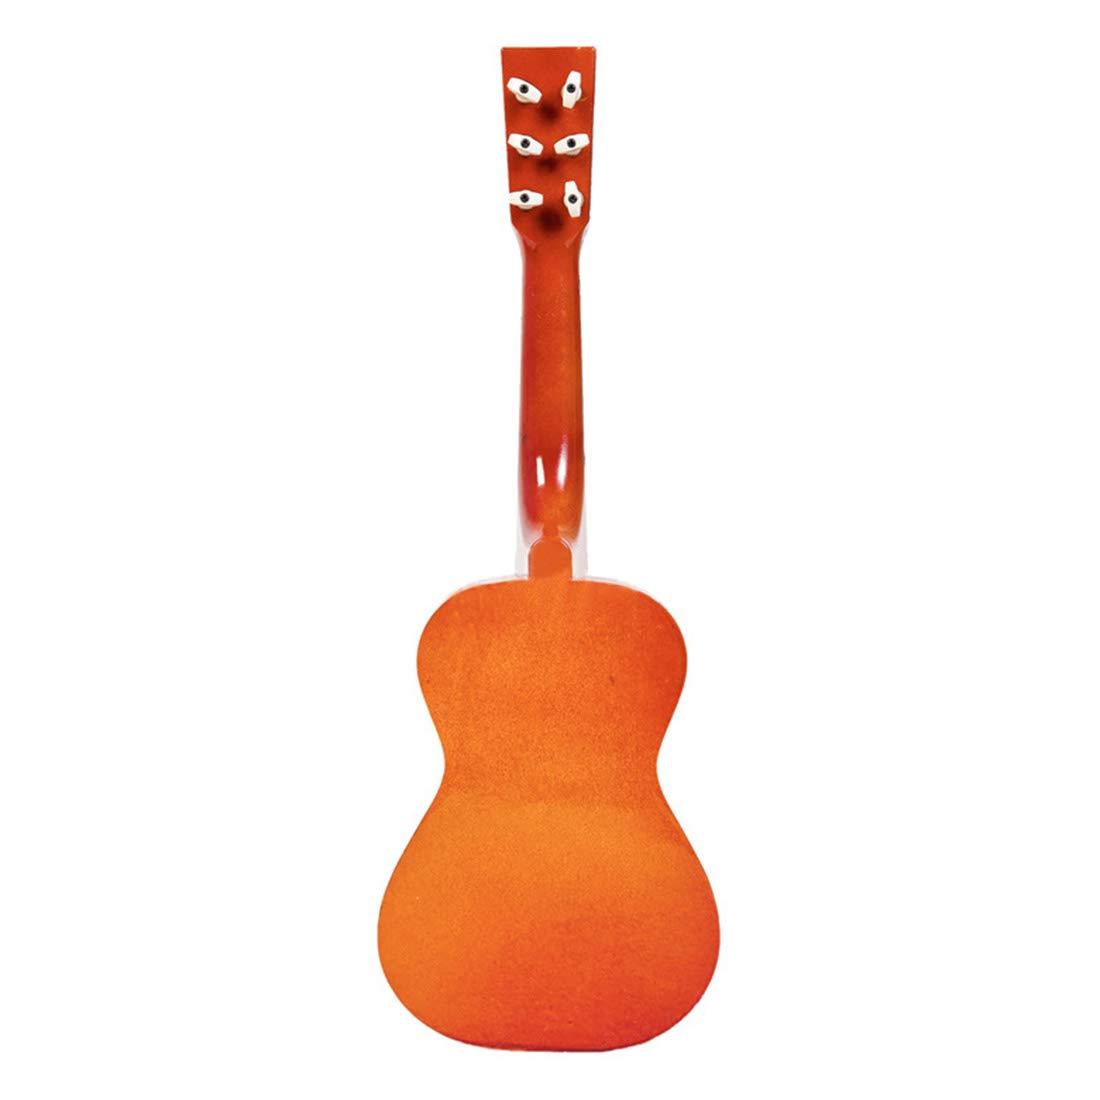 Yvsoo Guitarra Juguete 6 Cuerdas Guitarra Ni/ños Infantil Madera Guitarra Instrumentos Musicales Educativos Simulaci/ón Juguete Regalo para Principiante P/úrpura